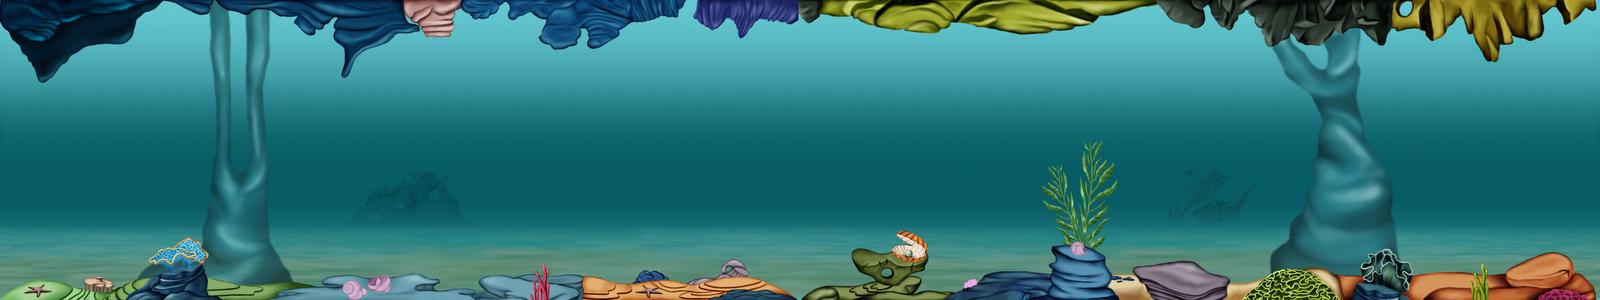 Game Desktop Backgrounds